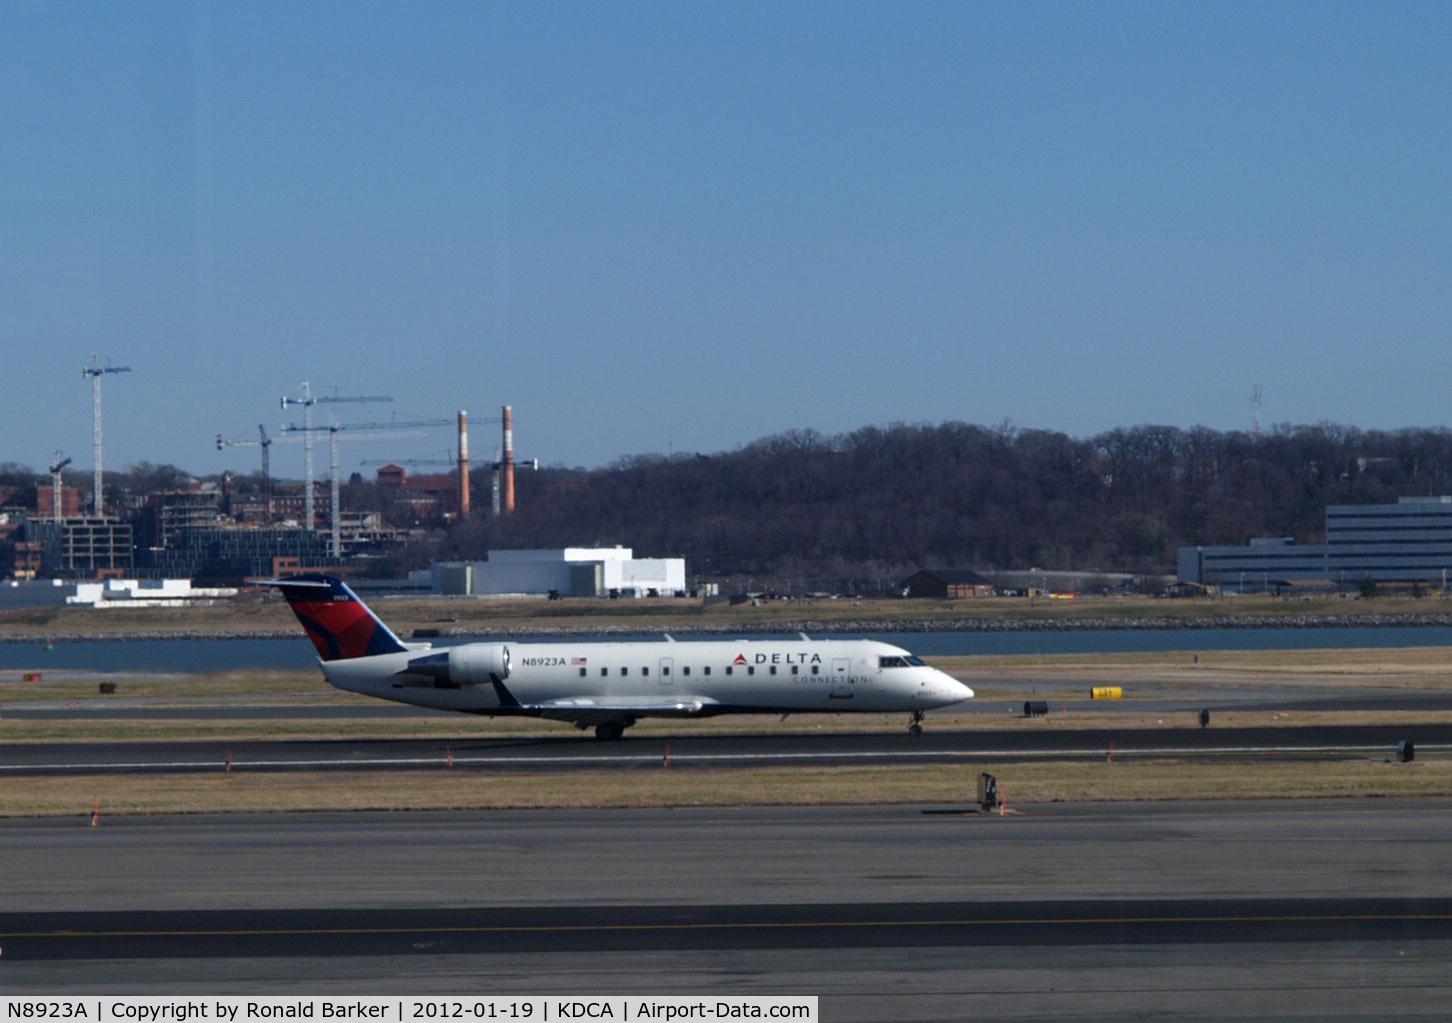 N8923A, 2004 Canadair CRJ-440 (CL-600-2B19) Regional Jet C/N 7923, Landing DCA